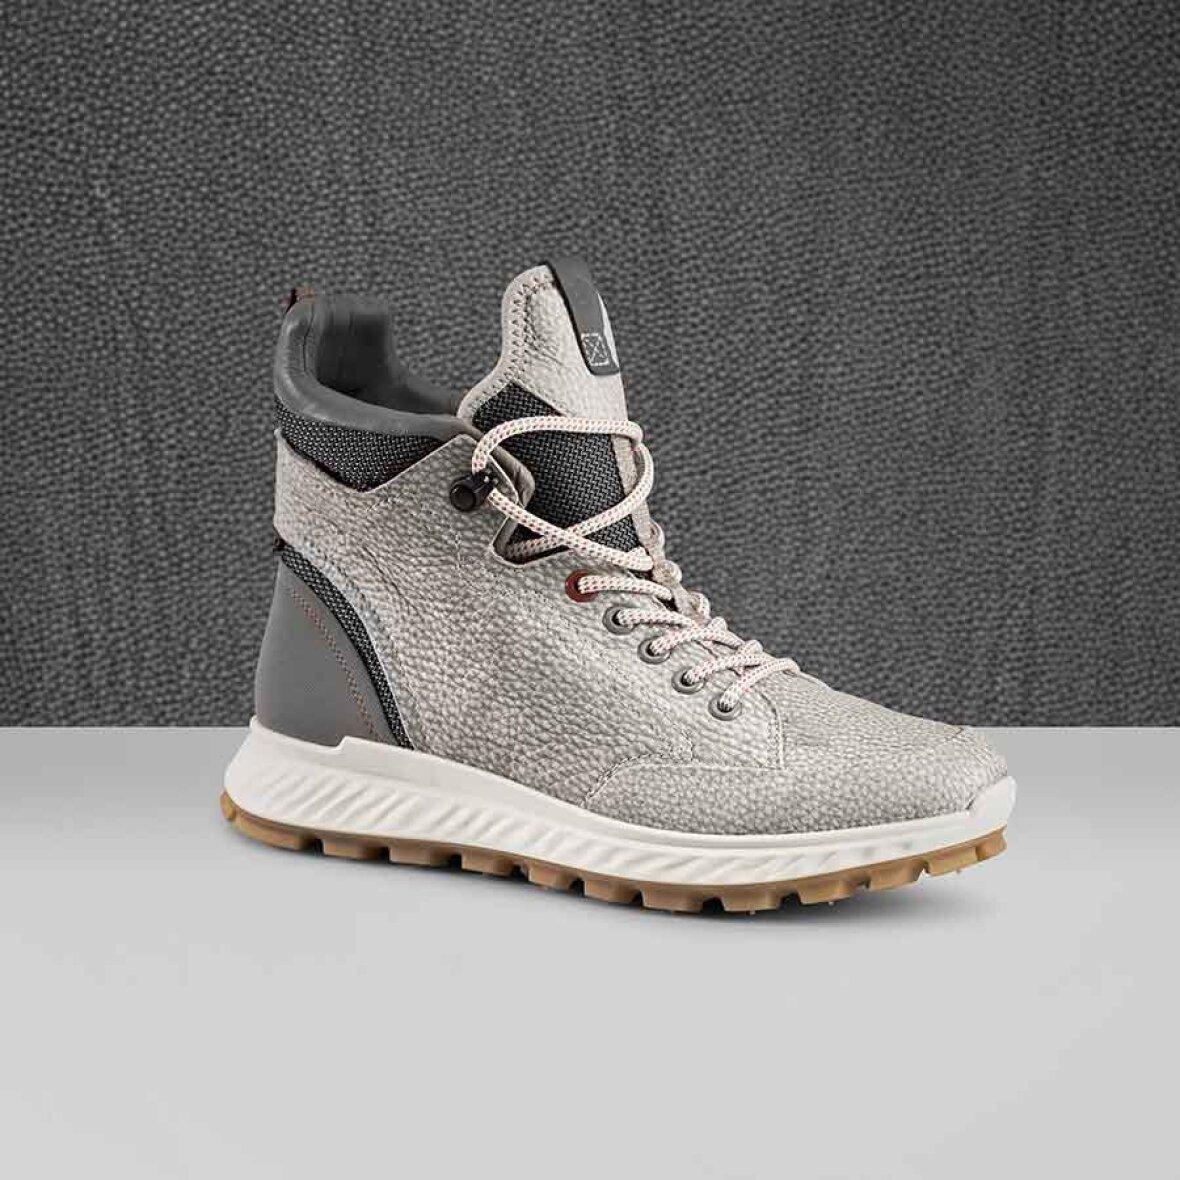 b667911f176 Designstøvler i outdoor kvalitet! | Ecco - Exostrike L Wild Dove ...